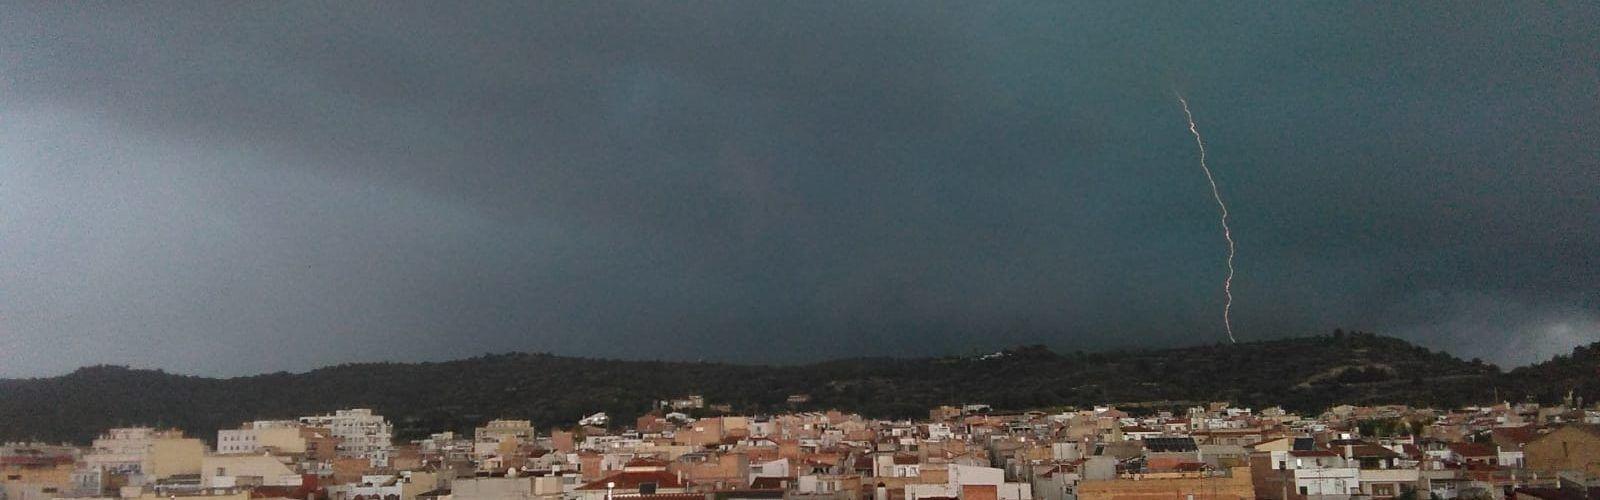 Vídeos i fotos: Tempestuós final de juliol